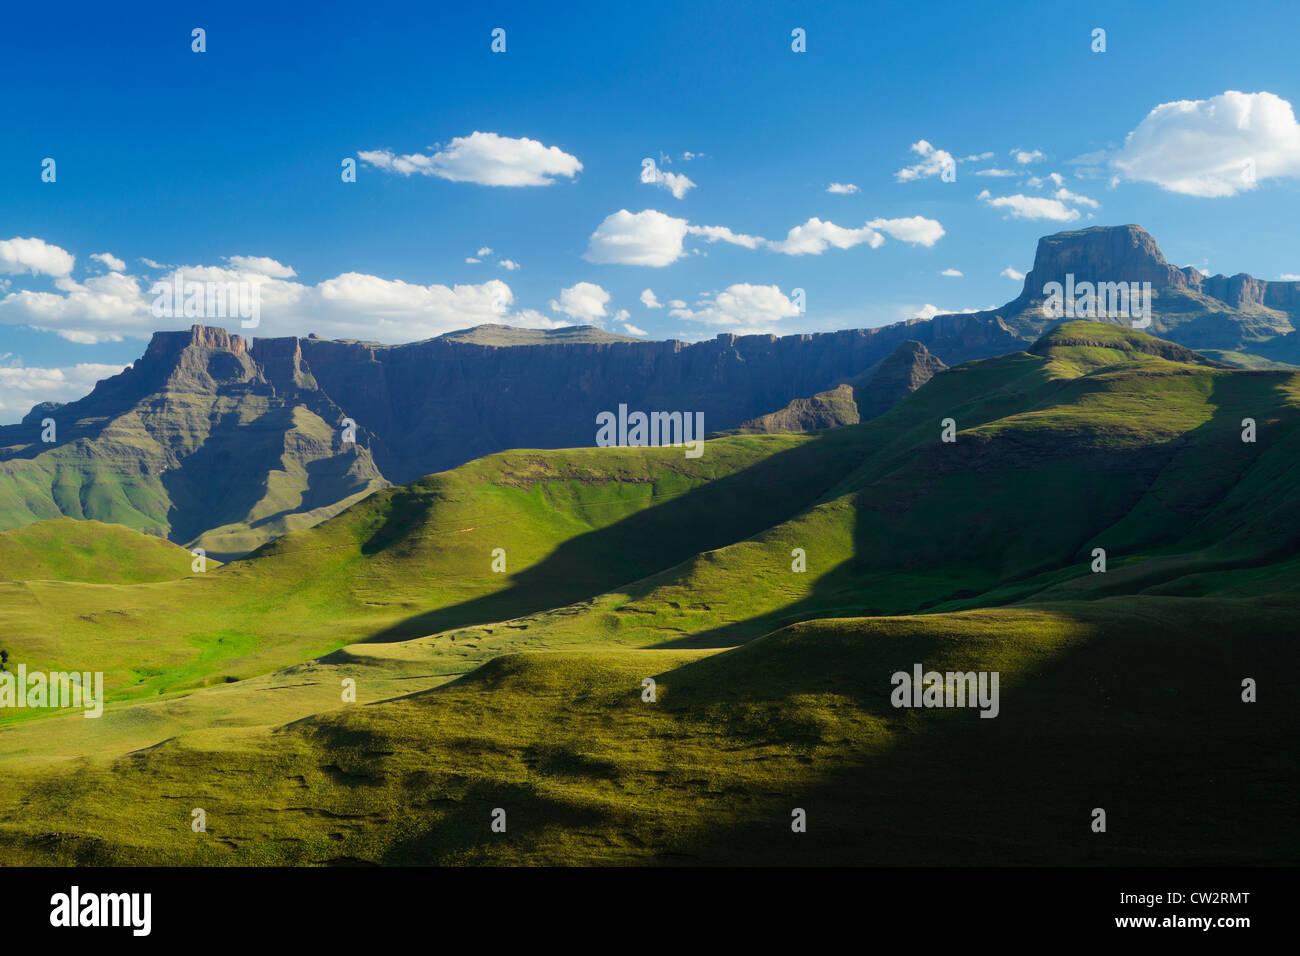 L'amphithéâtre du Drakensberg situé dans le Parc National Royal Natal.Afrique du Sud Banque D'Images